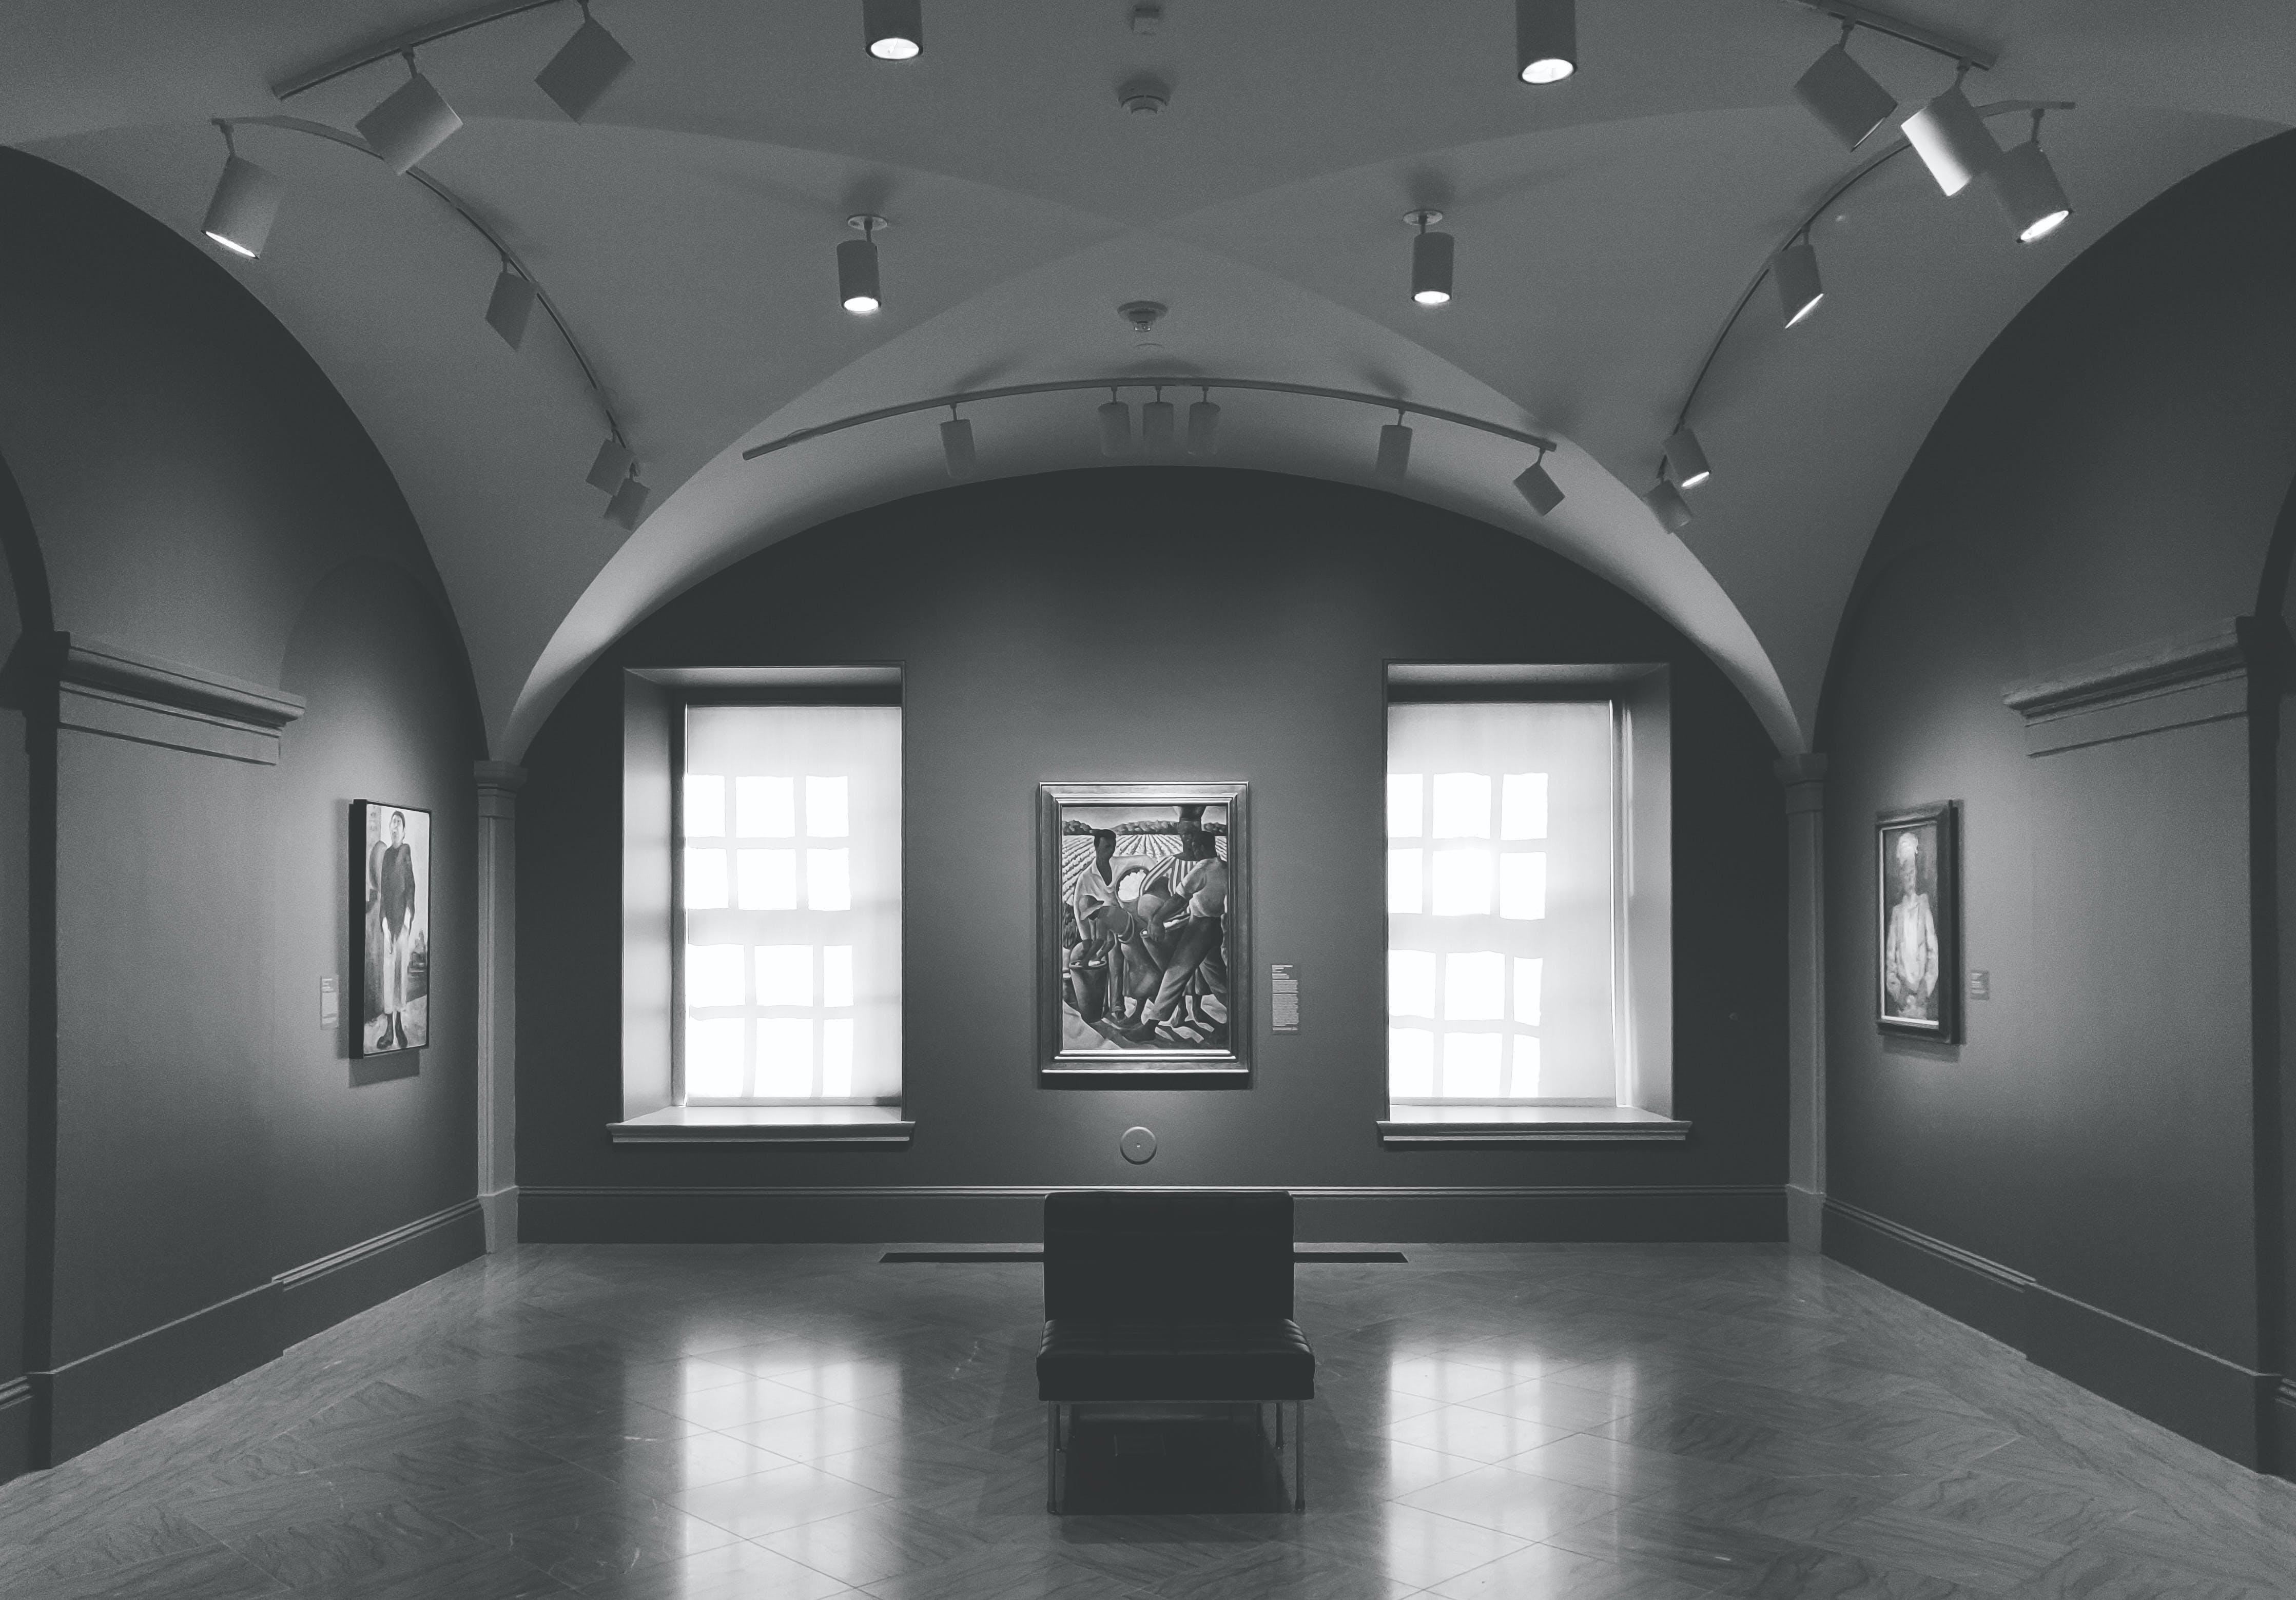 Fotos de stock gratuitas de adentro, arquitectura, blanco y negro, dentro